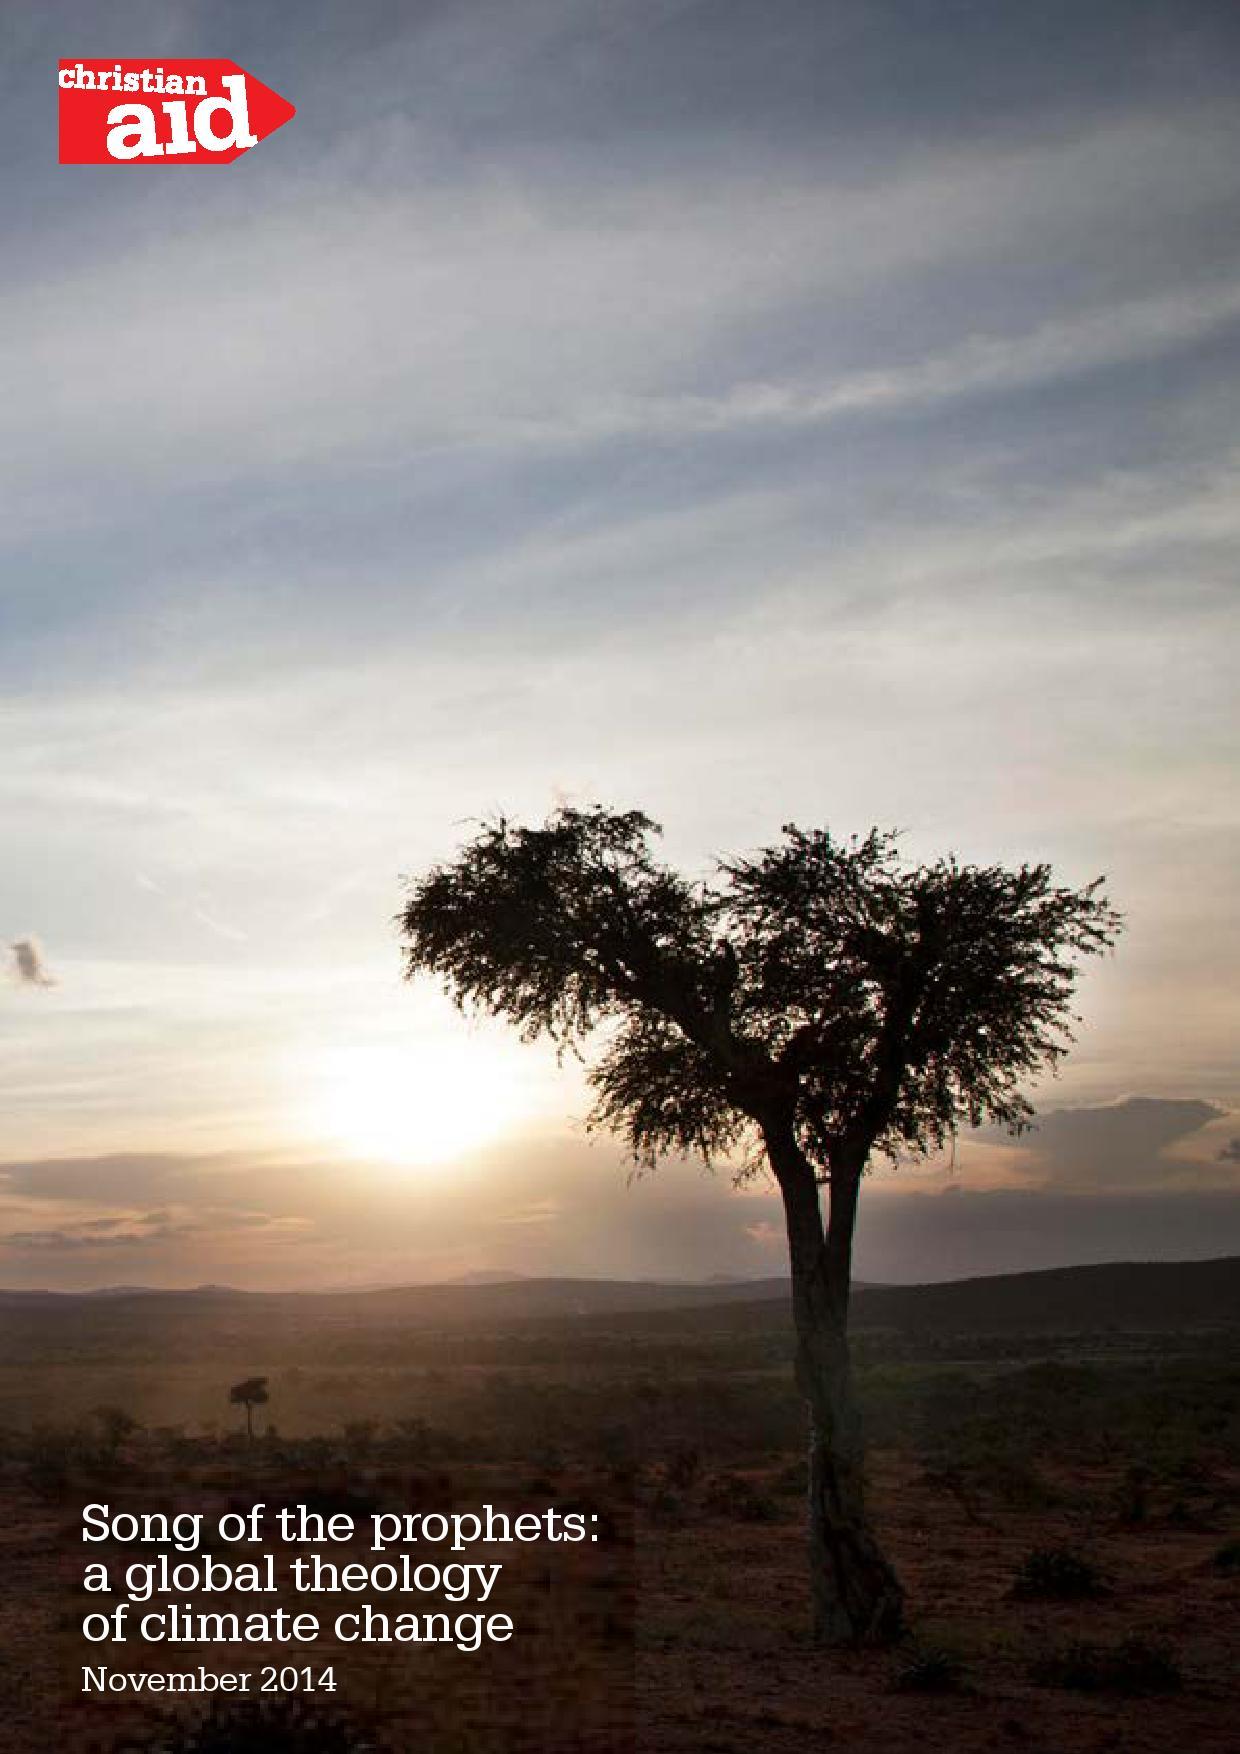 英国のキリスト教援助団体クリスチャンエイドが発表した報告書「預言者たちの詩 気候変動に関する地球規模の神学(Song of the Prophets: A global theology on climate change)」